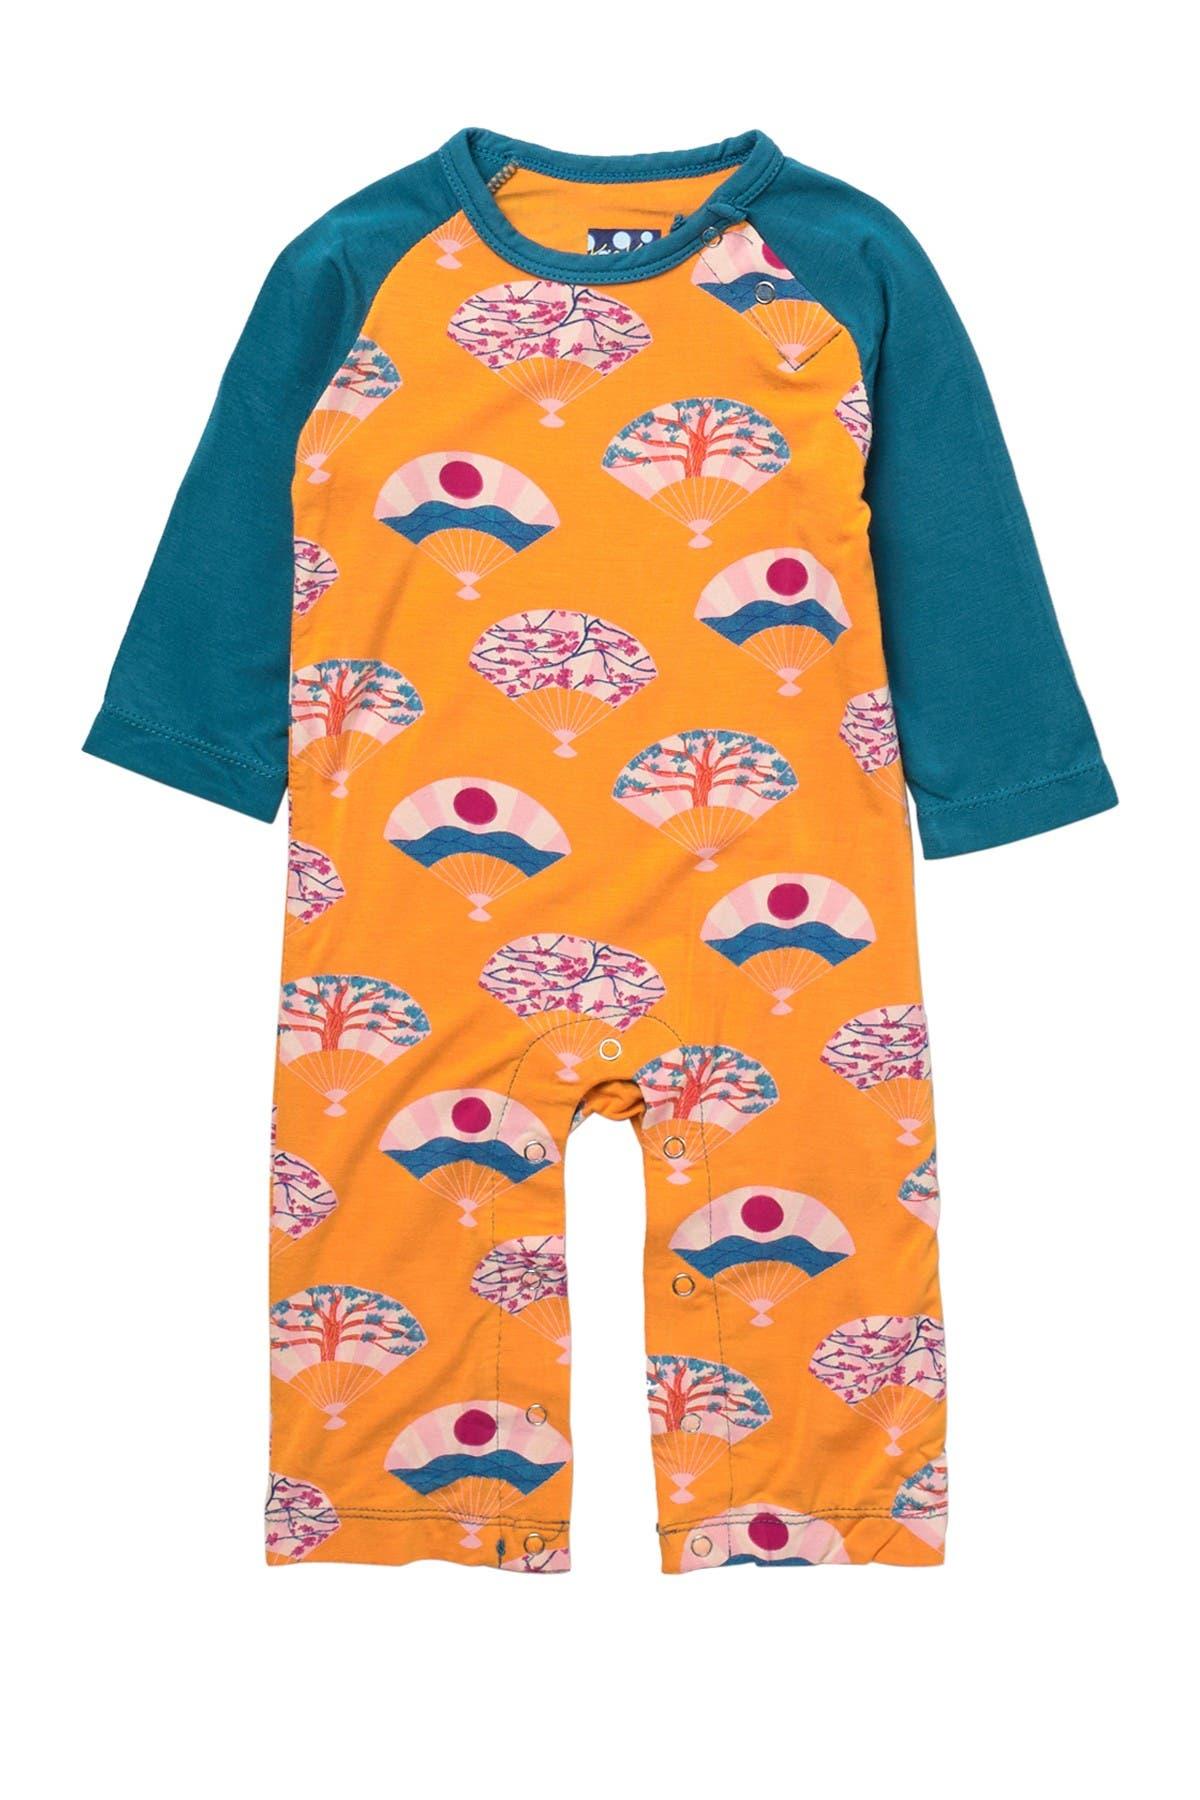 Image of KicKee Pants Printed Long Sleeve Raglan Romper